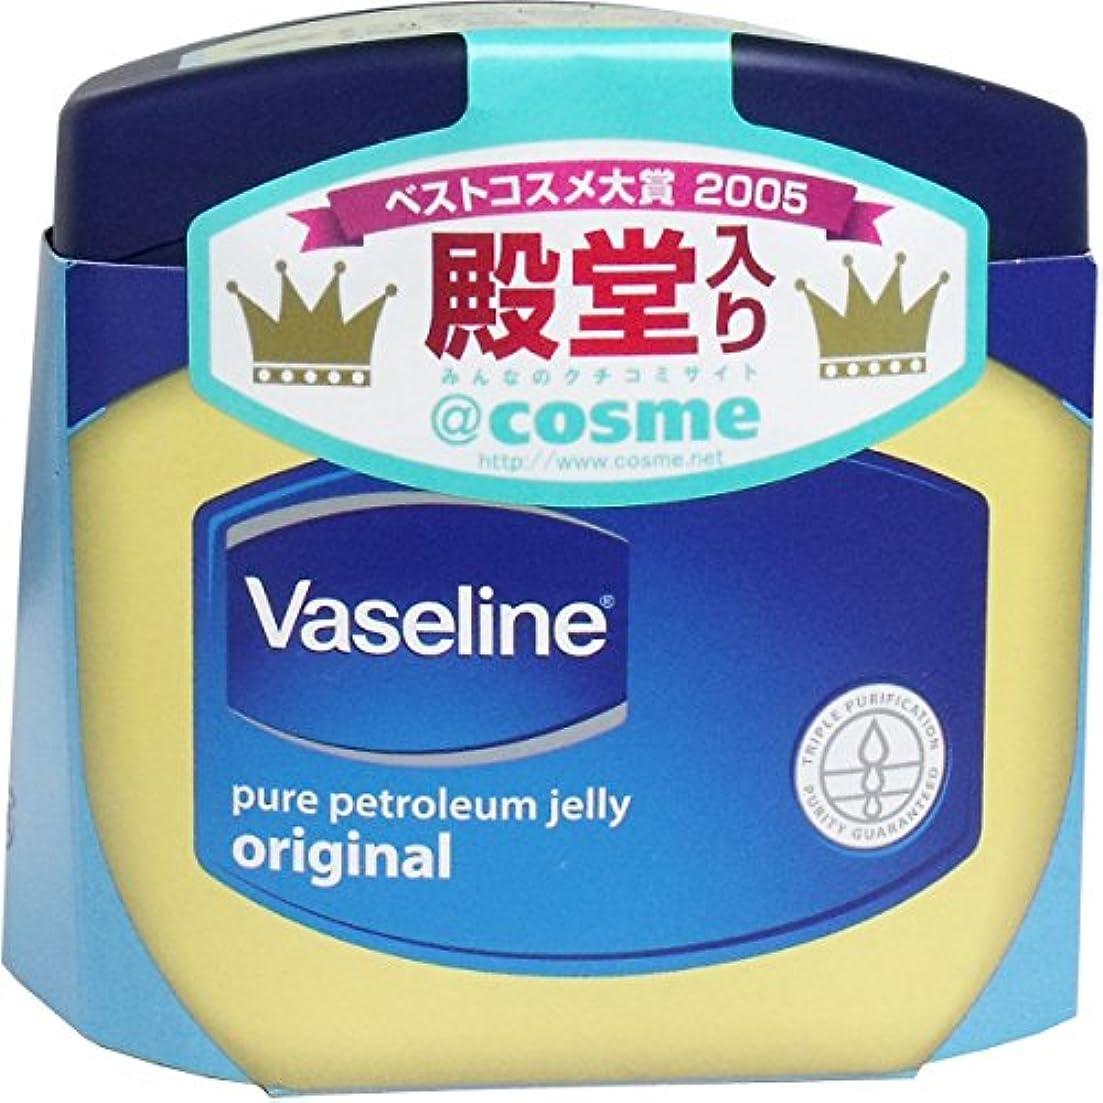 寝てる比率大学生【Vaseline】ヴァセリン ピュアスキンジェリー (スキンオイル) 200g ×10個セット